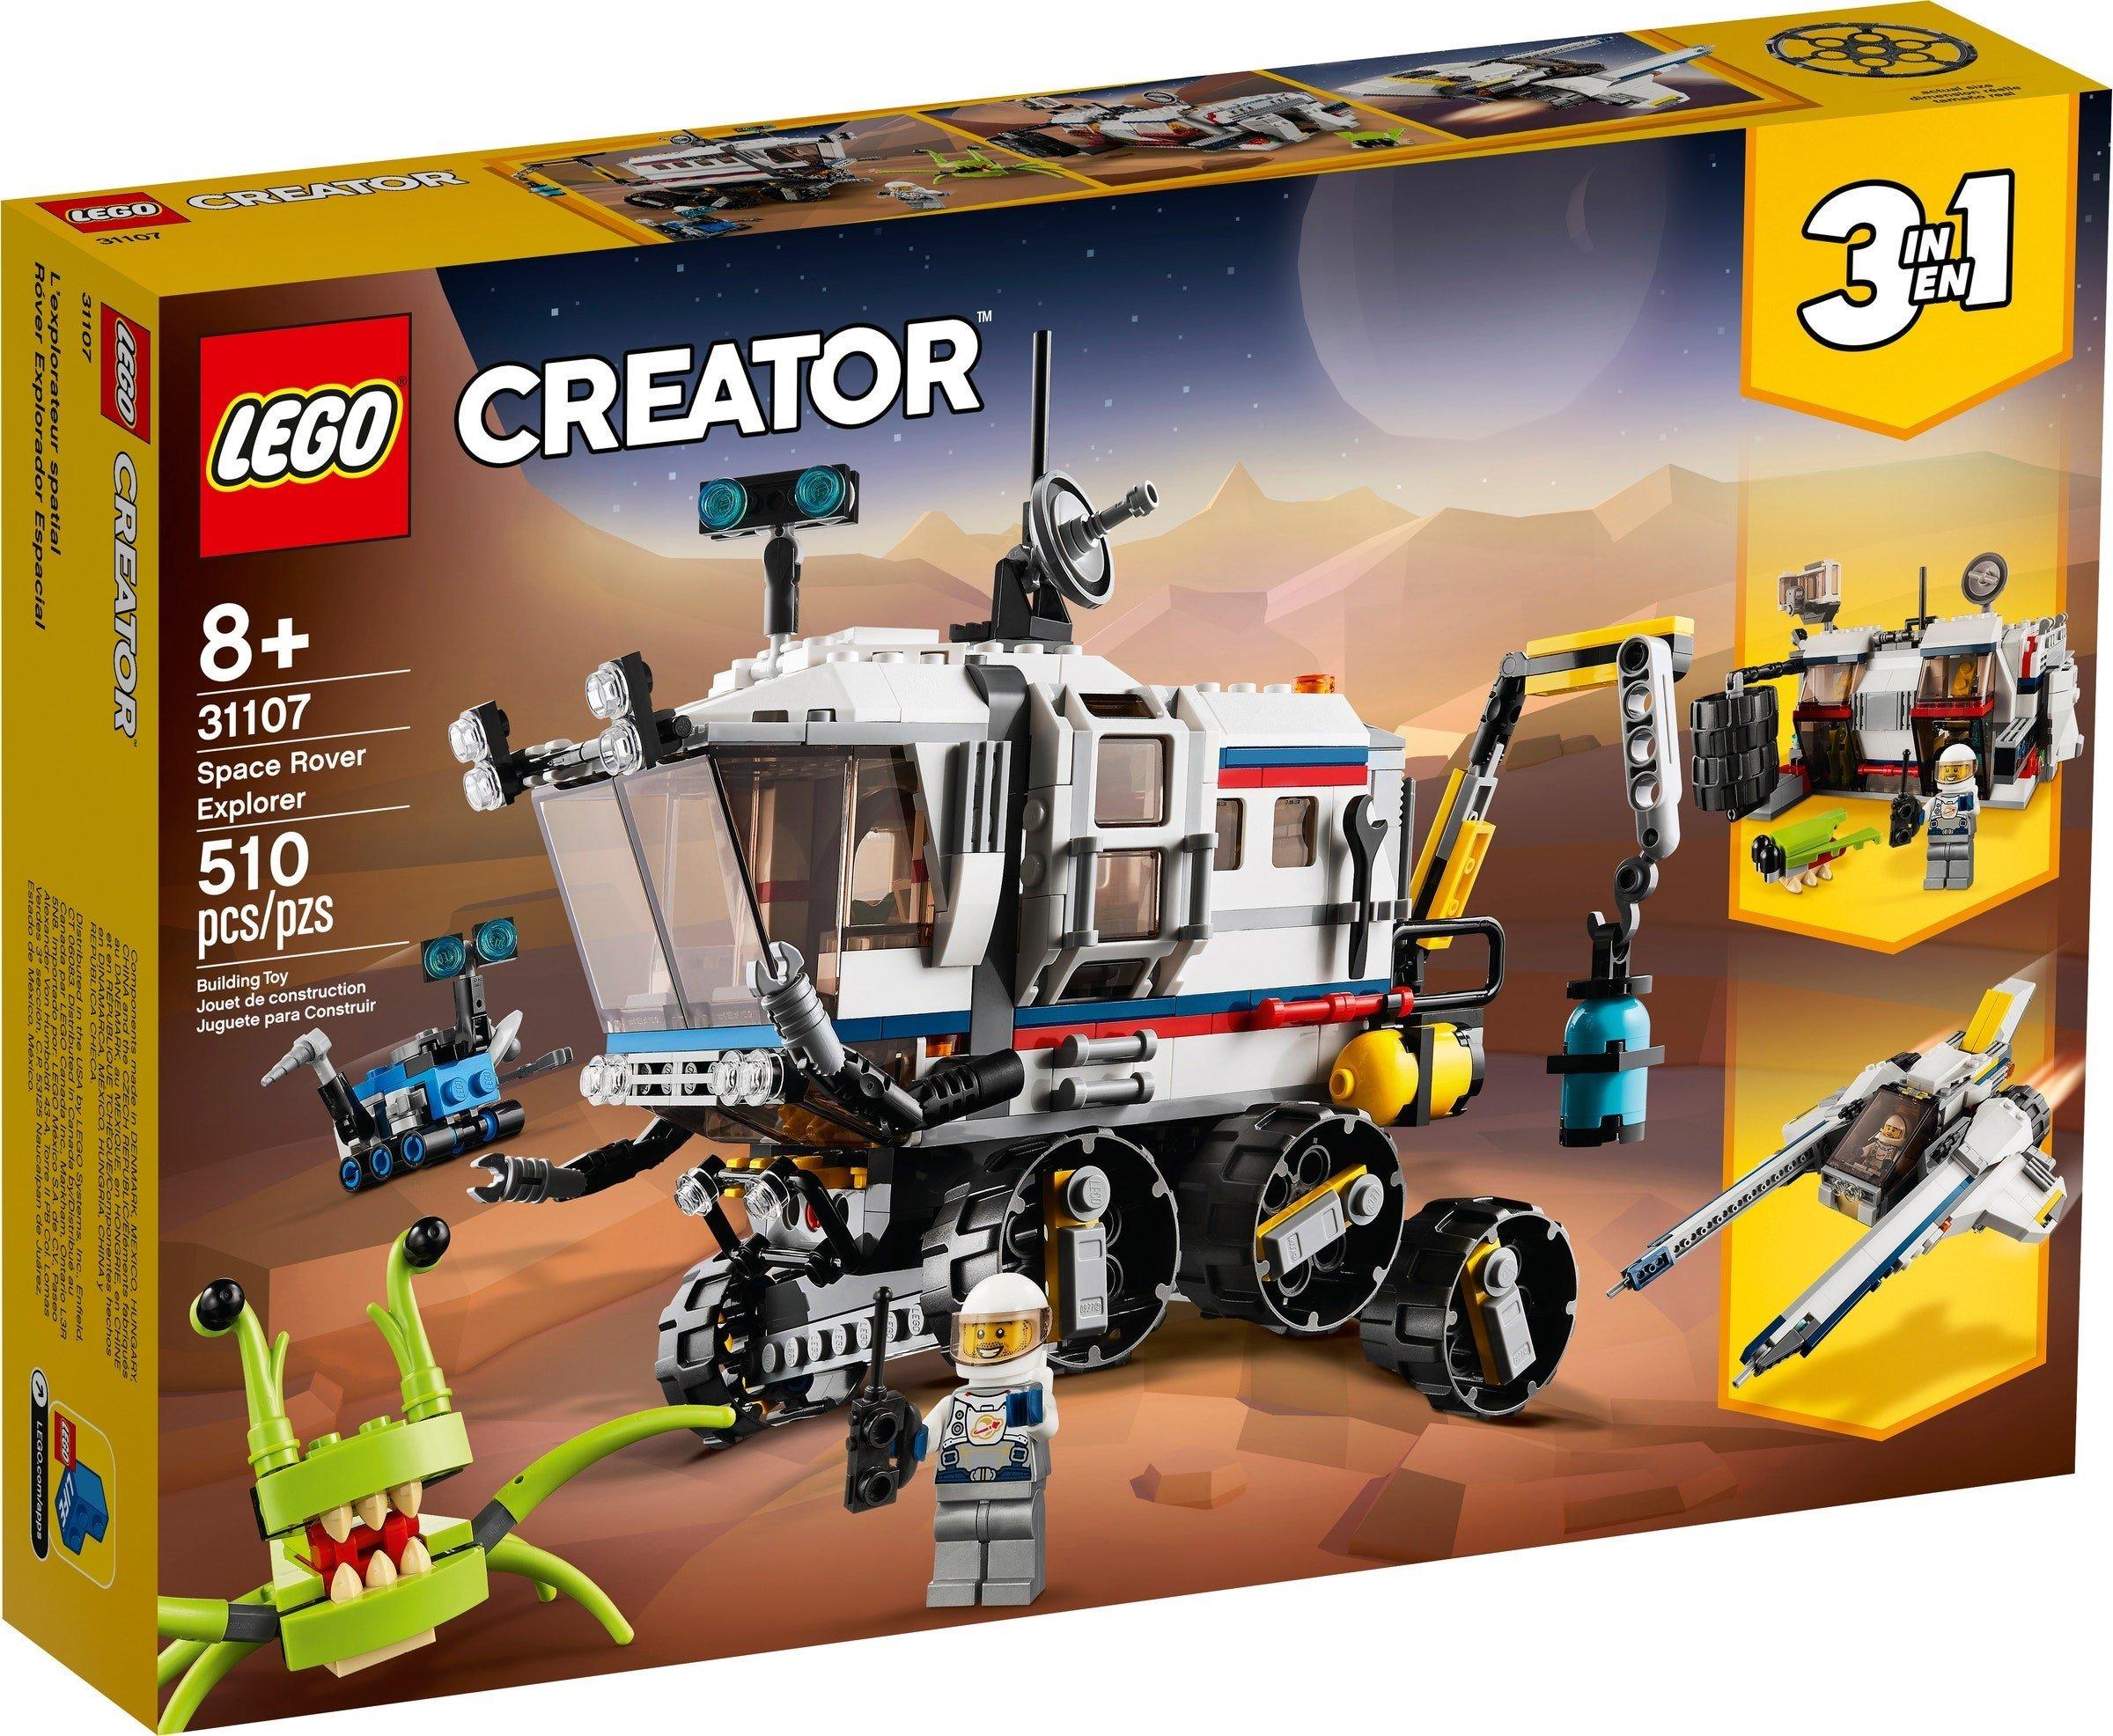 LEGO Creator - Space Rover Explorer (31107)